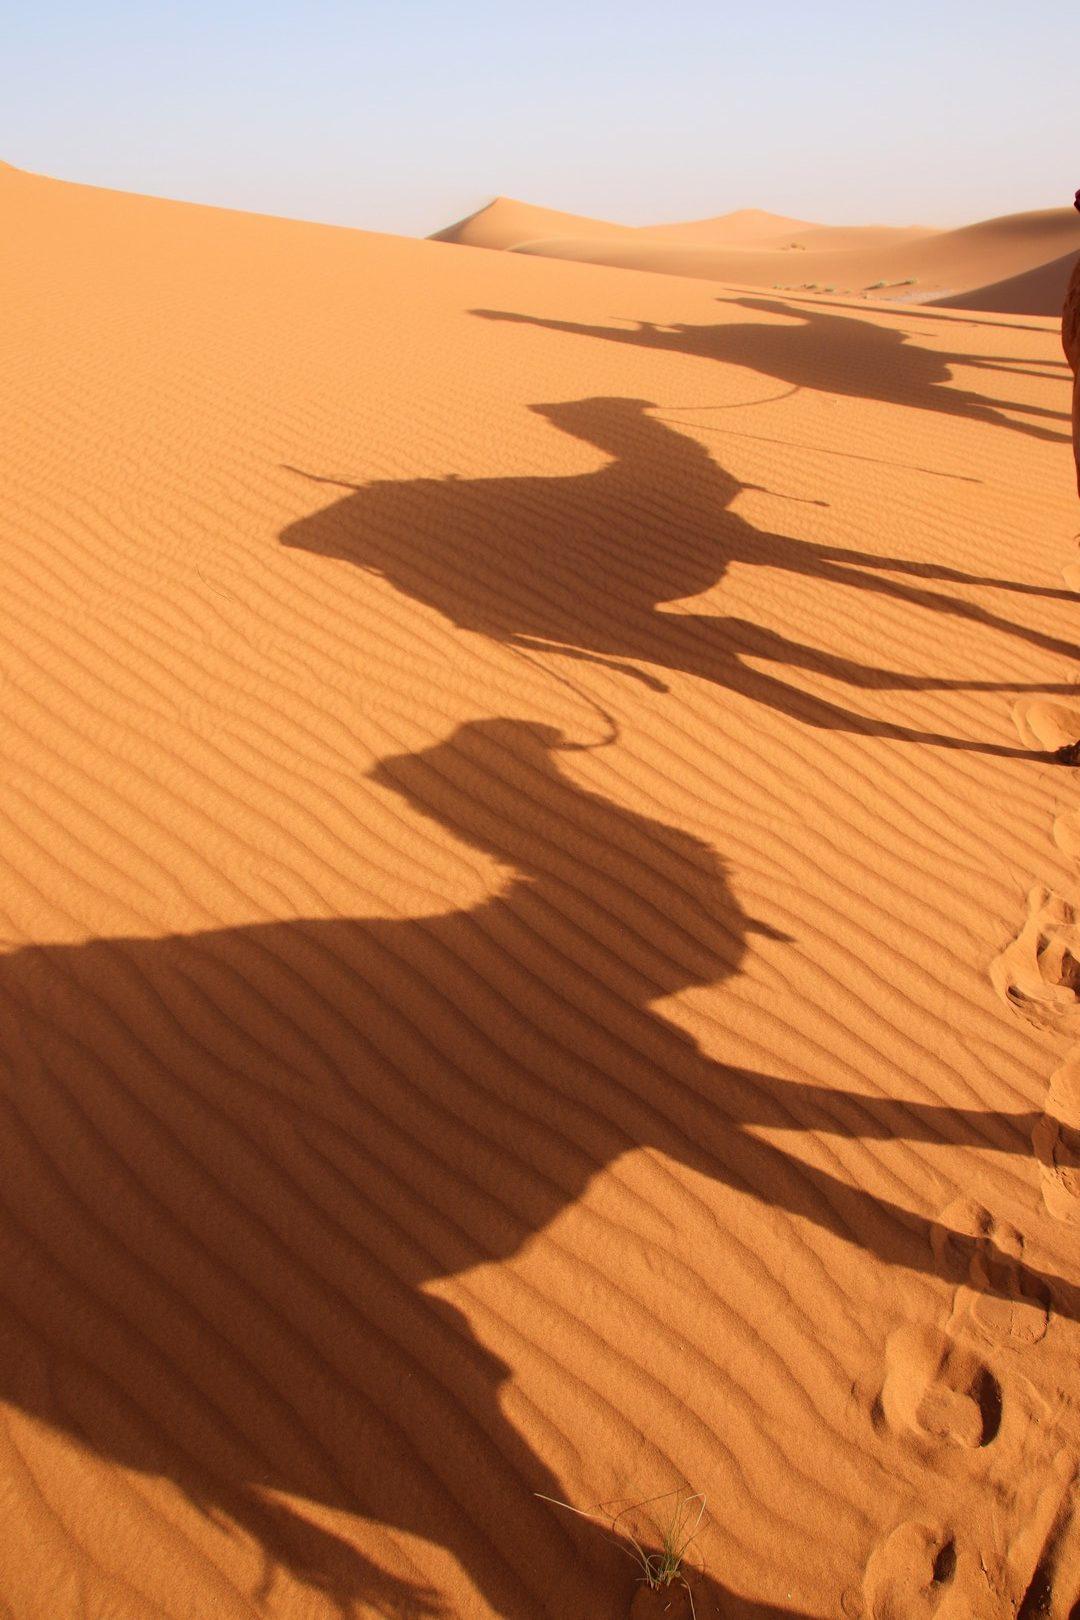 Maroc - Méharée à dos de dromadaire dans les dunes de Chegaga